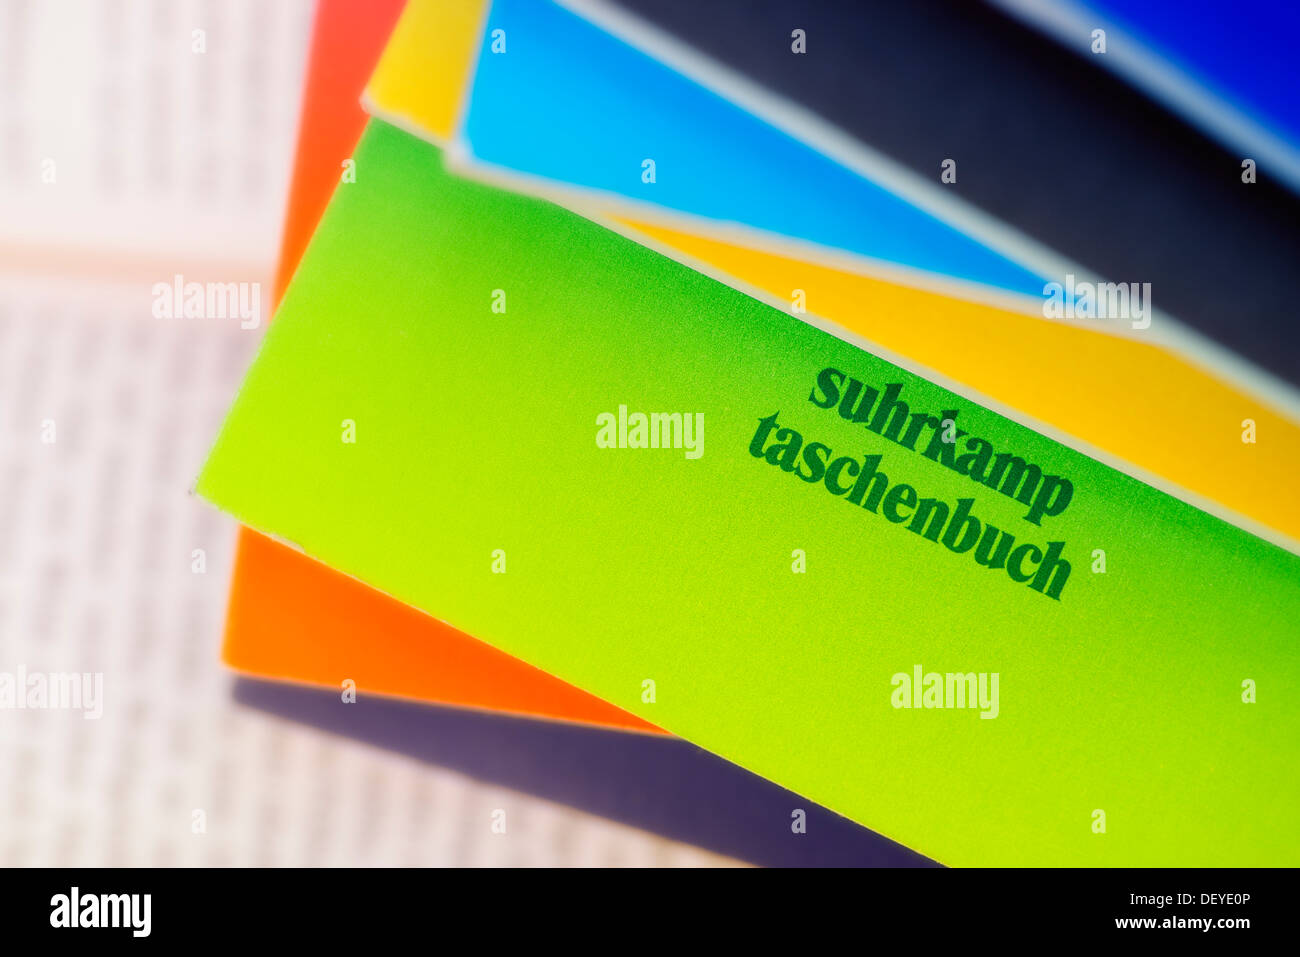 Book pile with Suhrkamp paperback, Bücherstapel mit Suhrkamp Taschenbuch - Stock Image